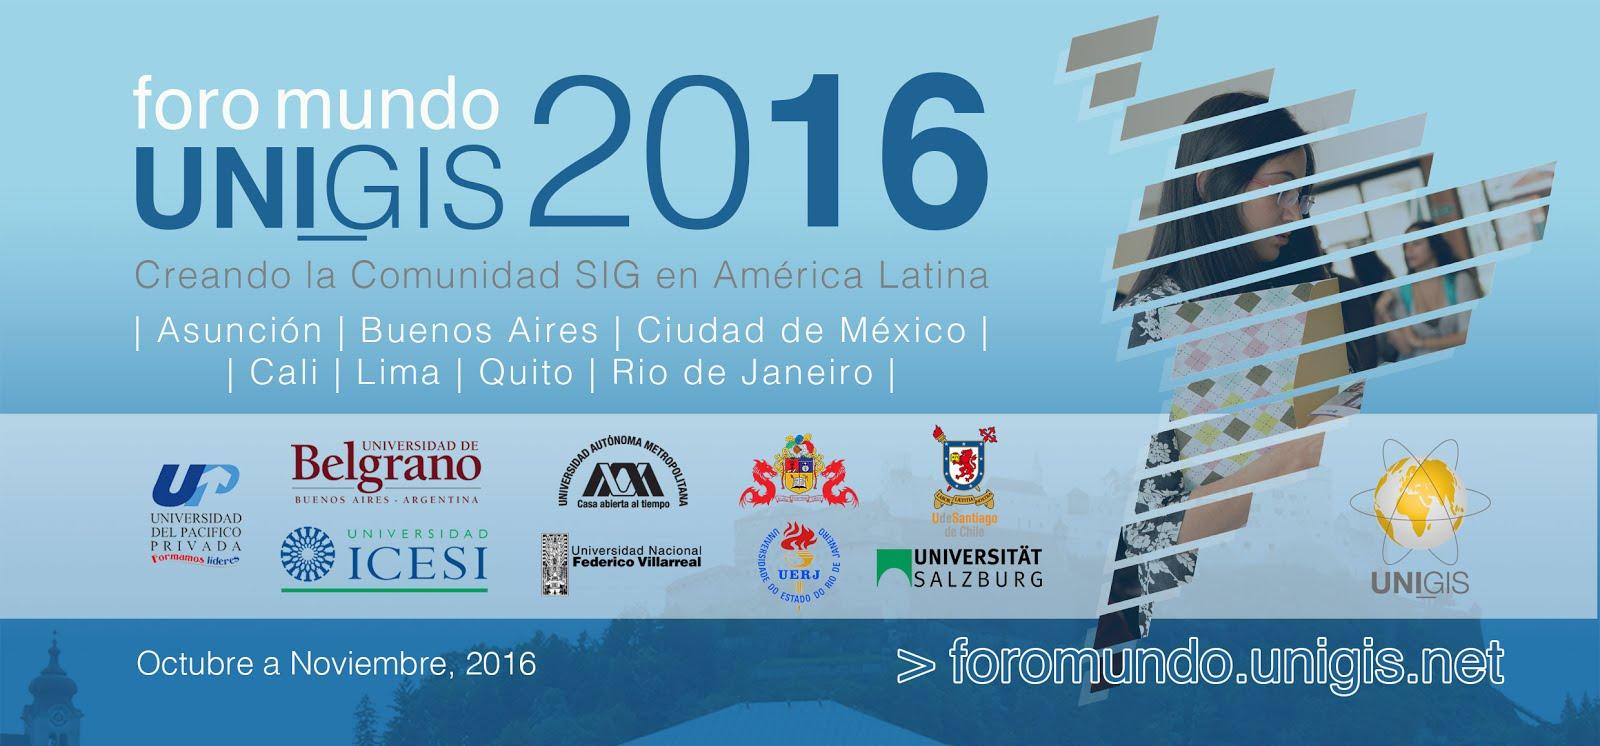 Foro mundo UNIGIS Quito 2016